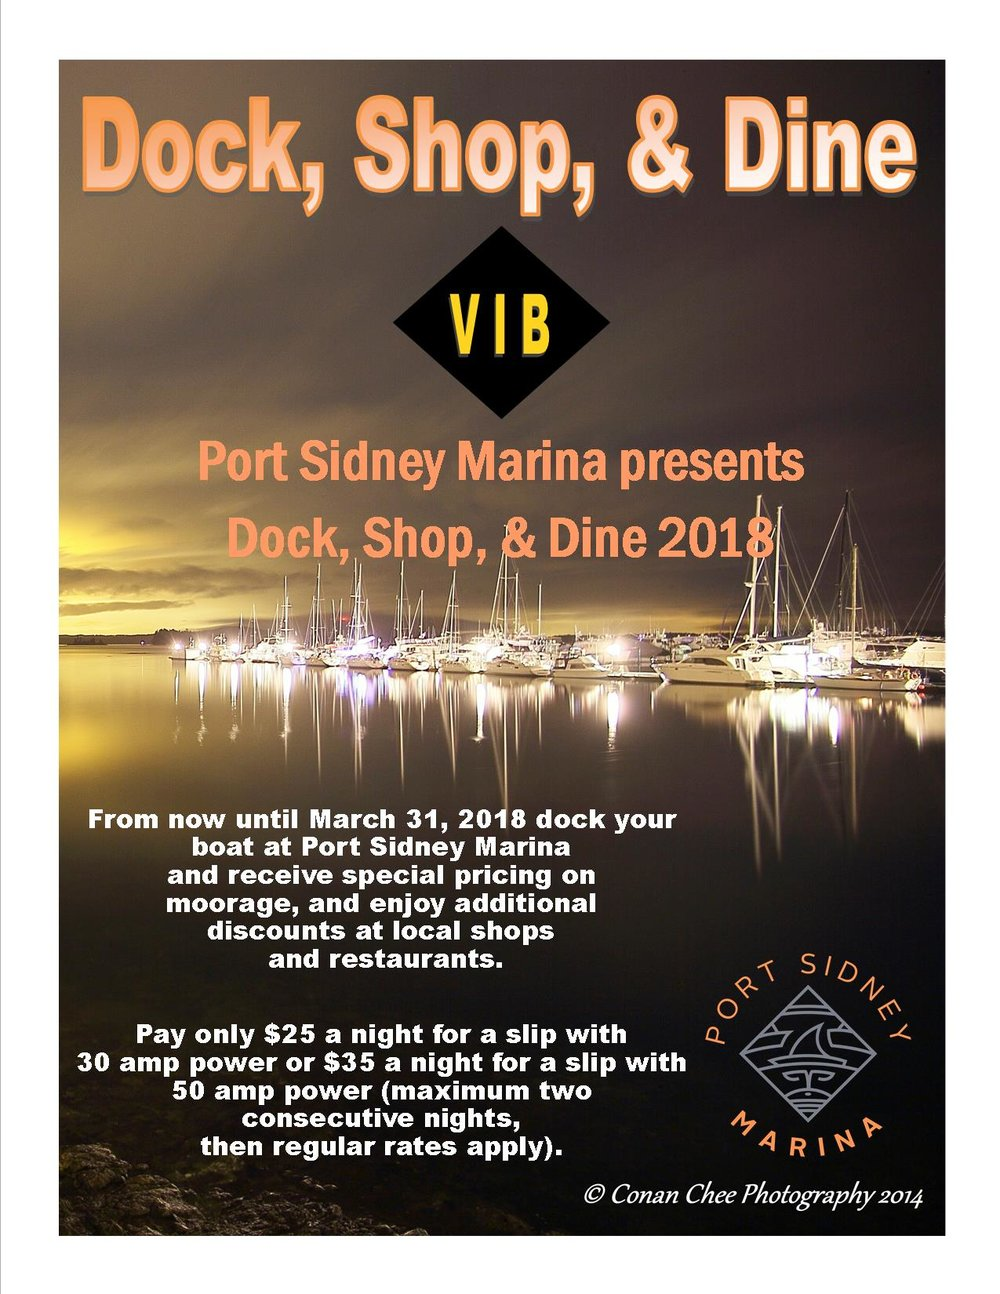 Dock, Shop, & Dine Poster 2018 updated.jpg